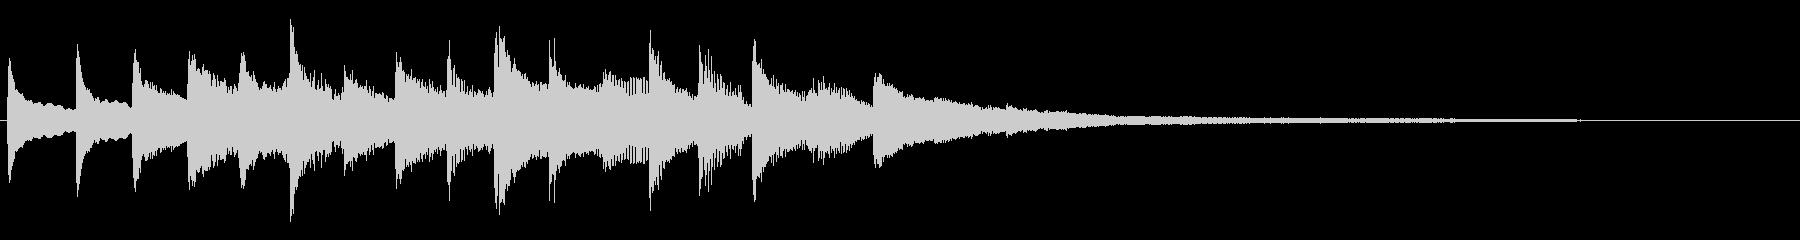 続きが気になるようなピアノのサウンドロゴの未再生の波形